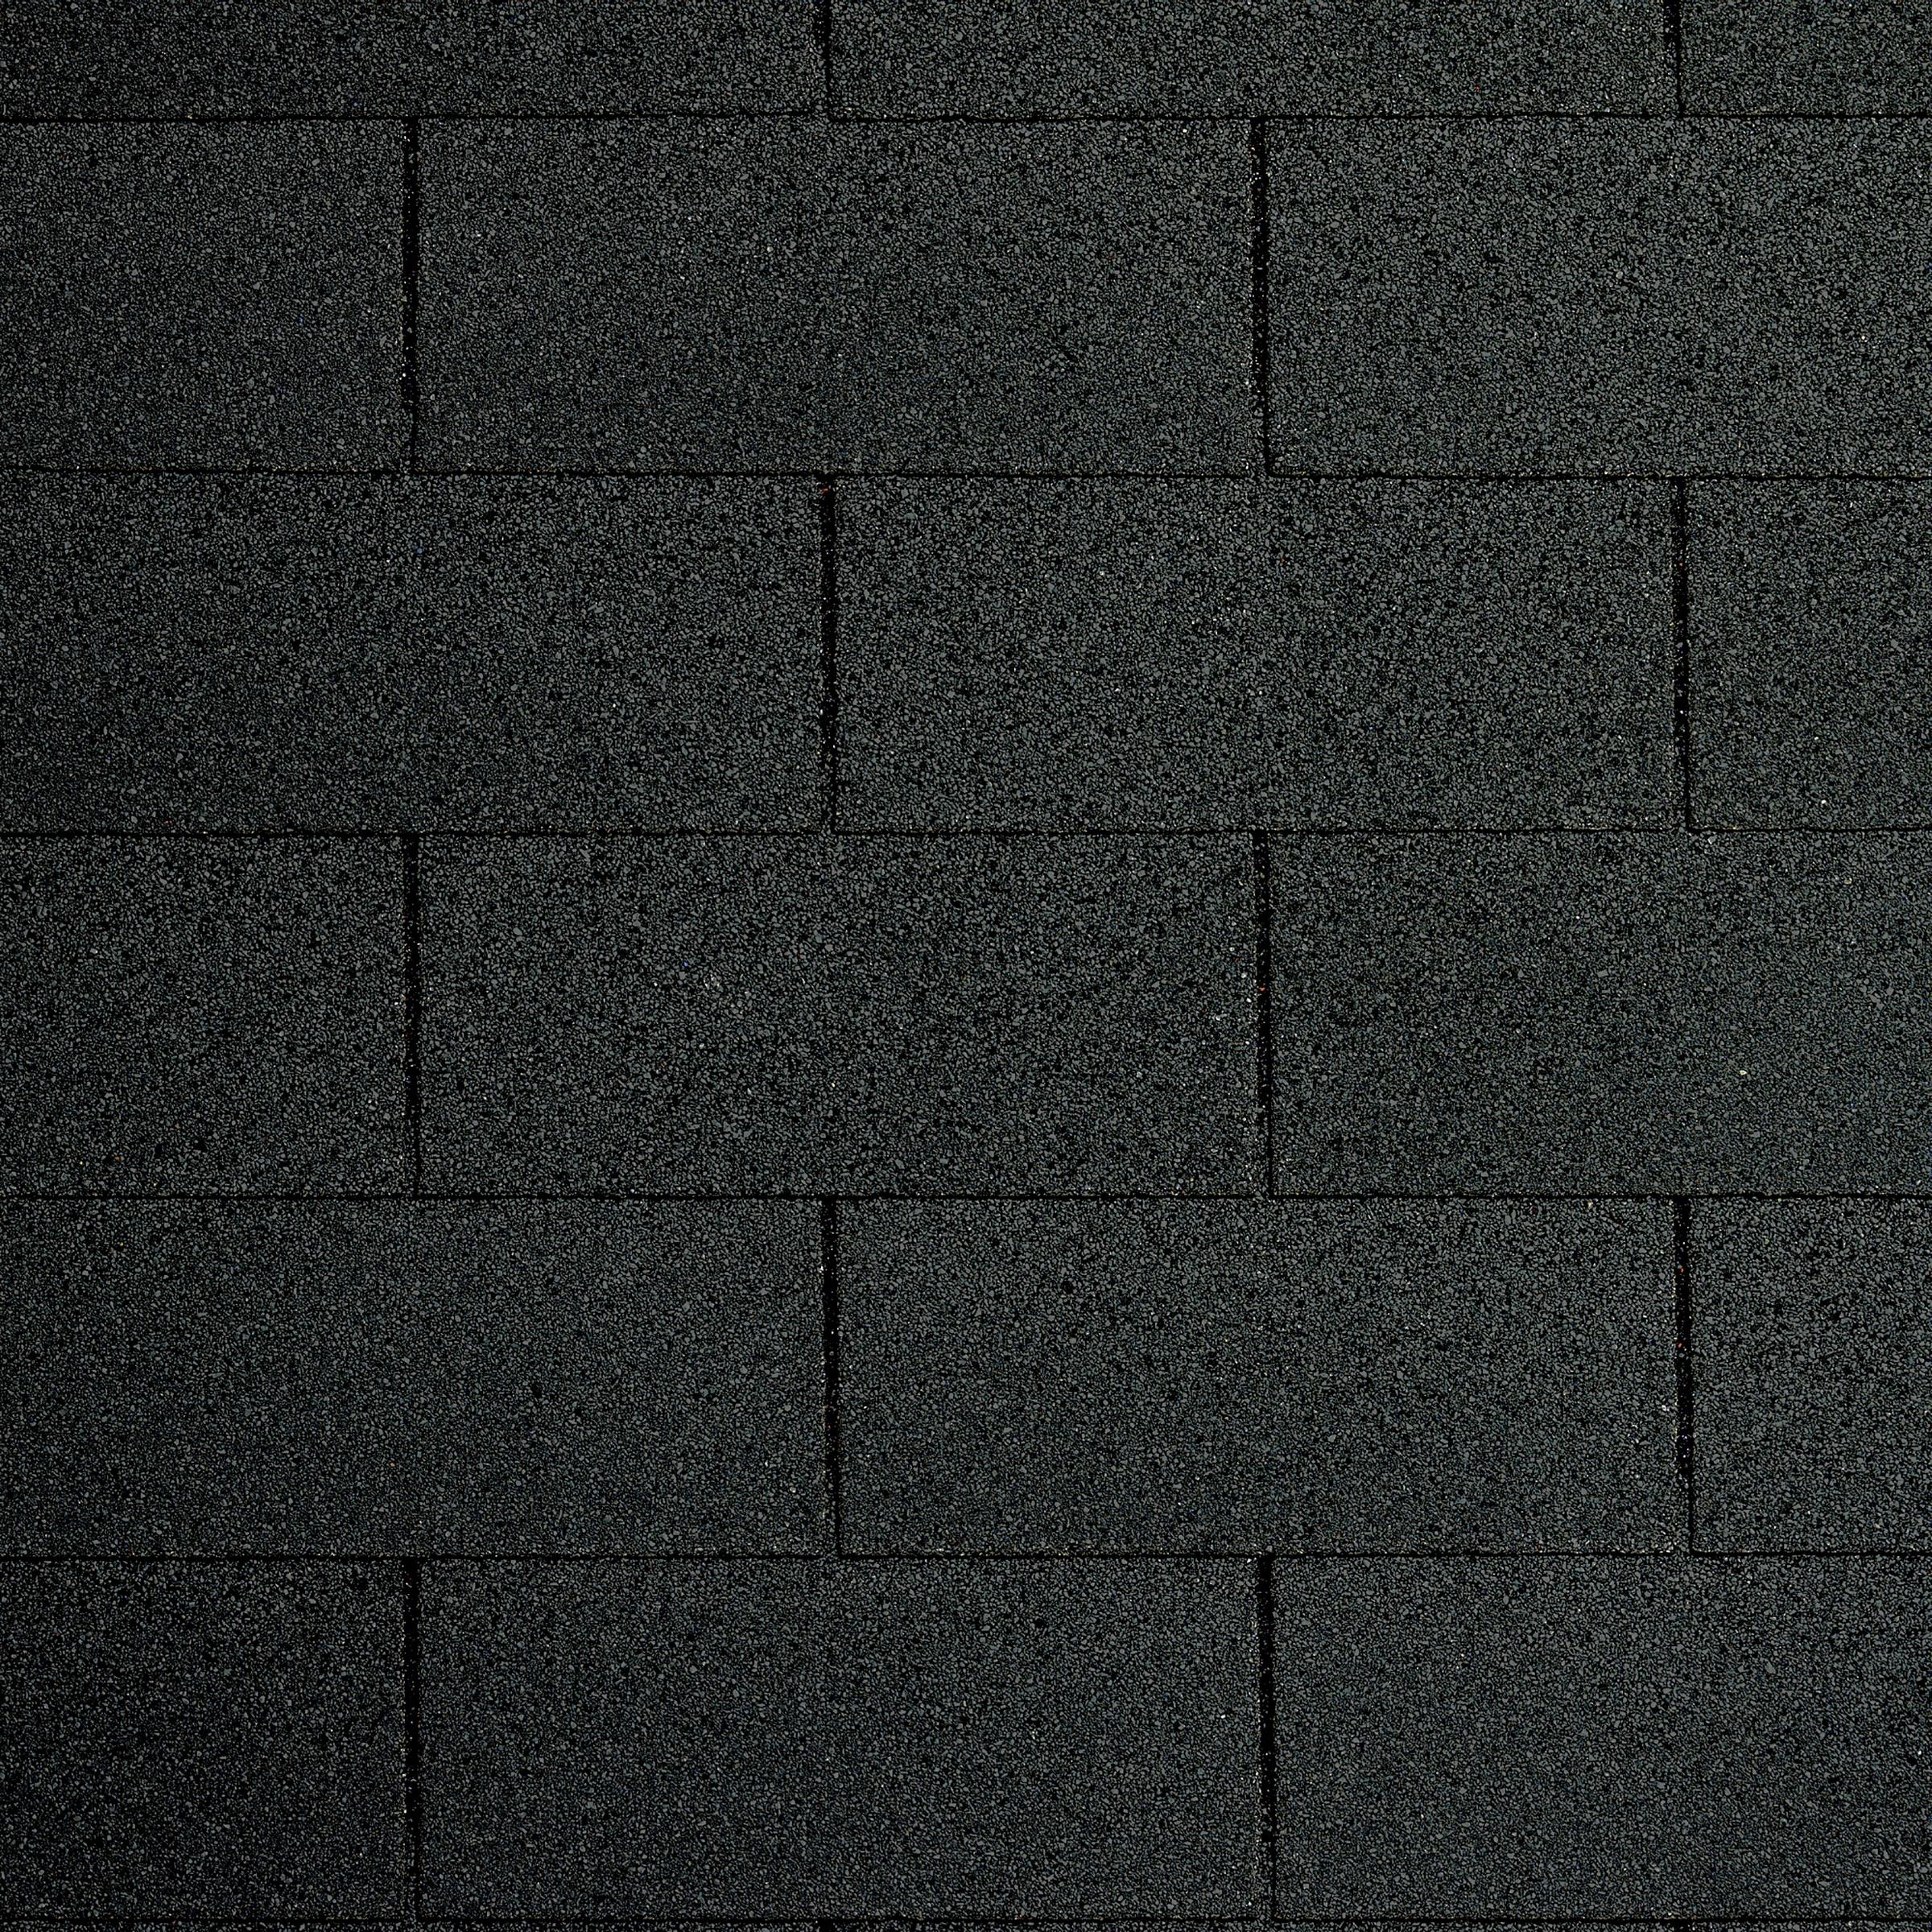 Shingles Zwart - 4 pakken voor 12m2 incl. nagels